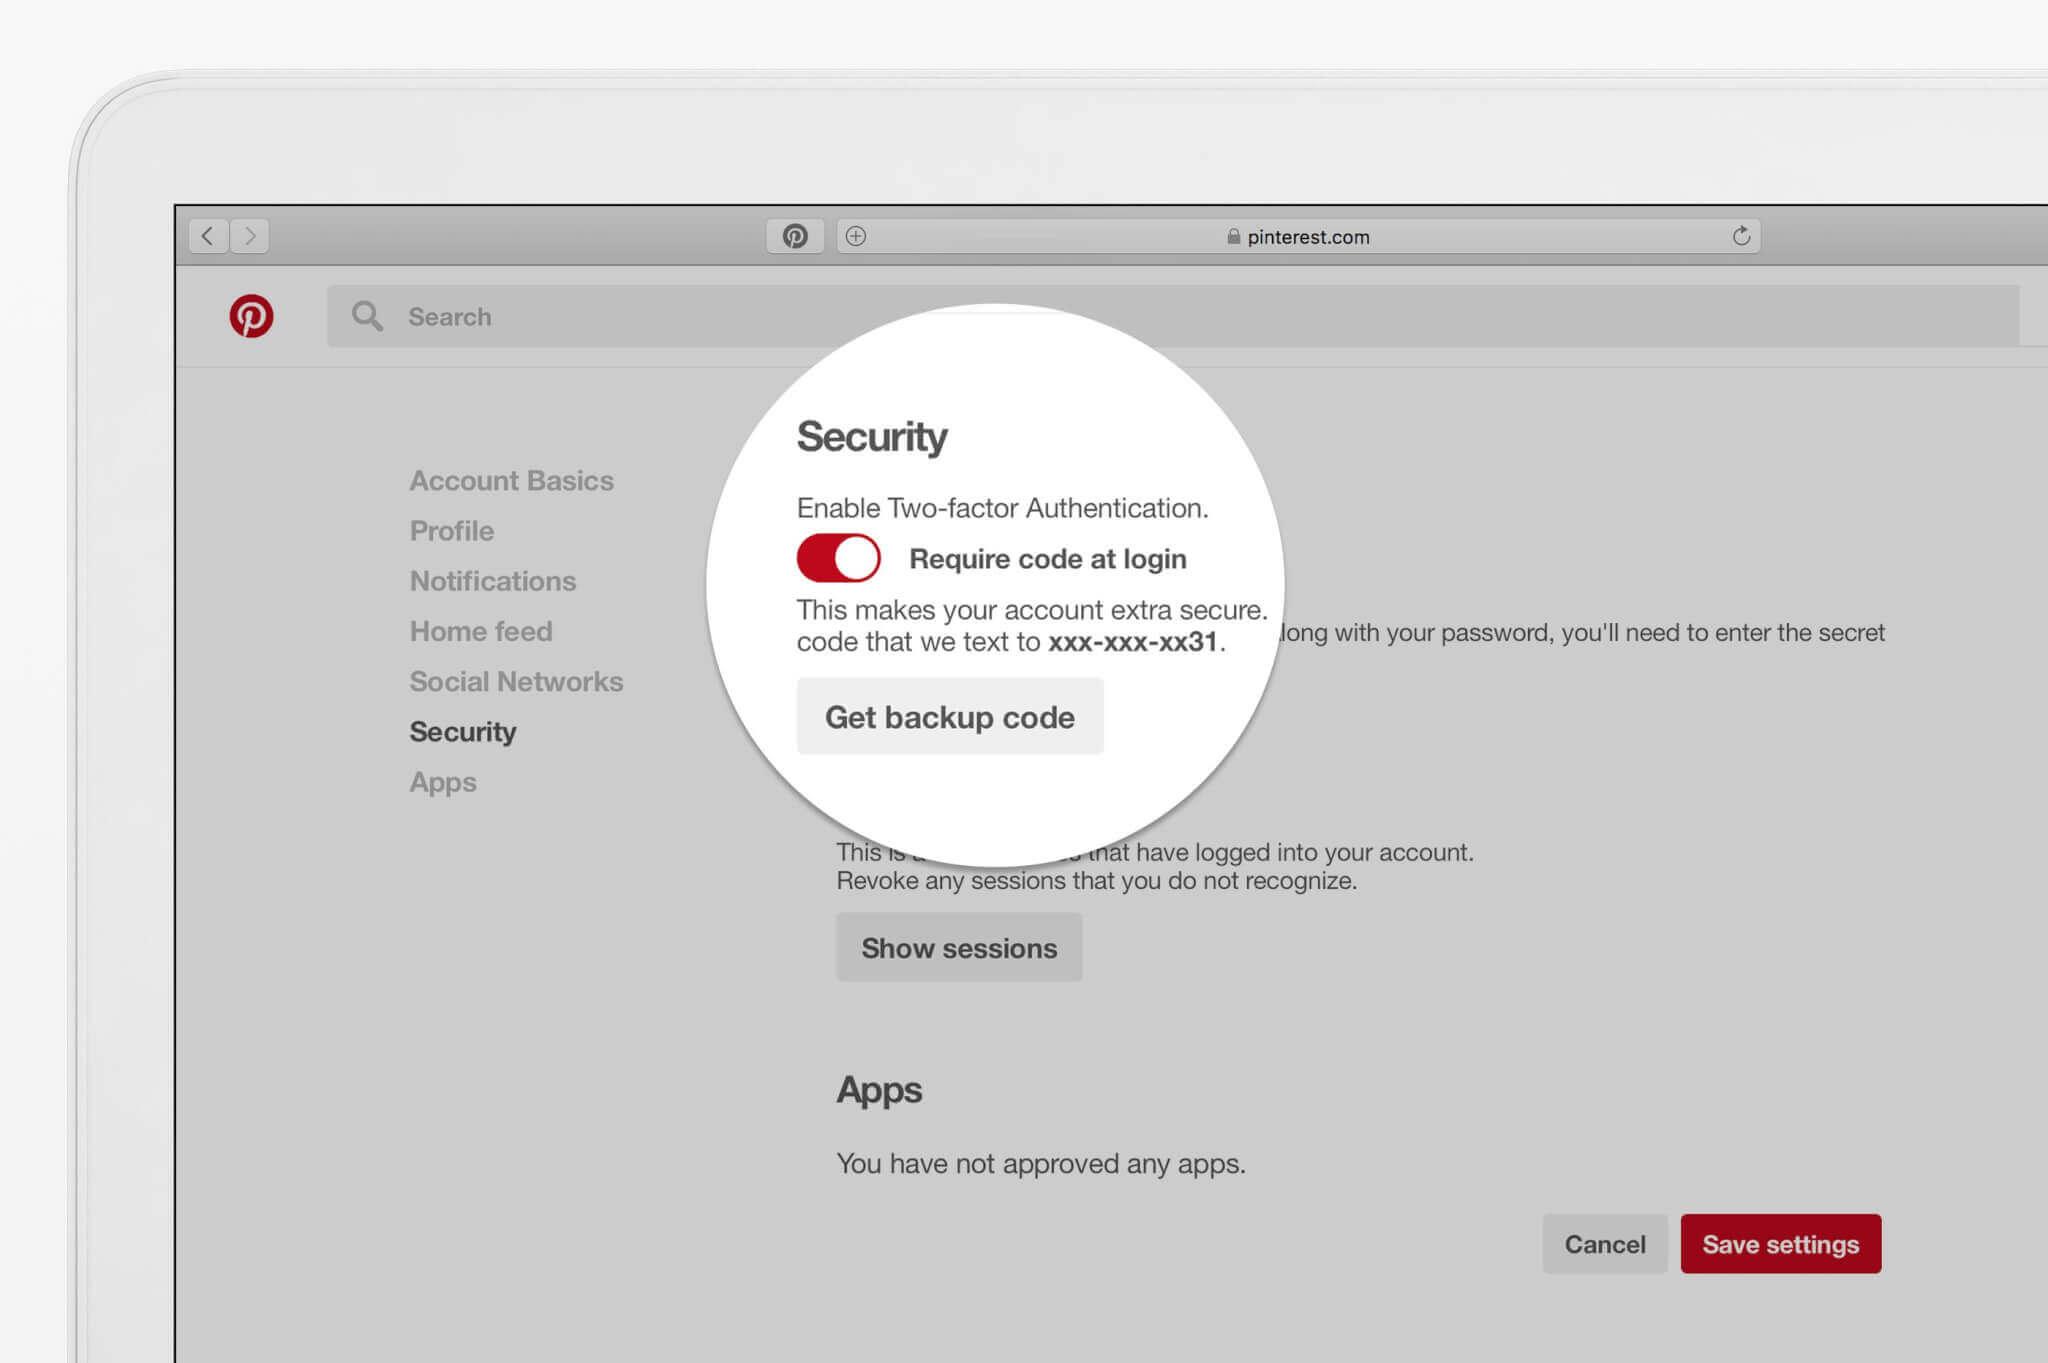 Neue Möglichkeiten zum Schutz des Pinterest-Kontos